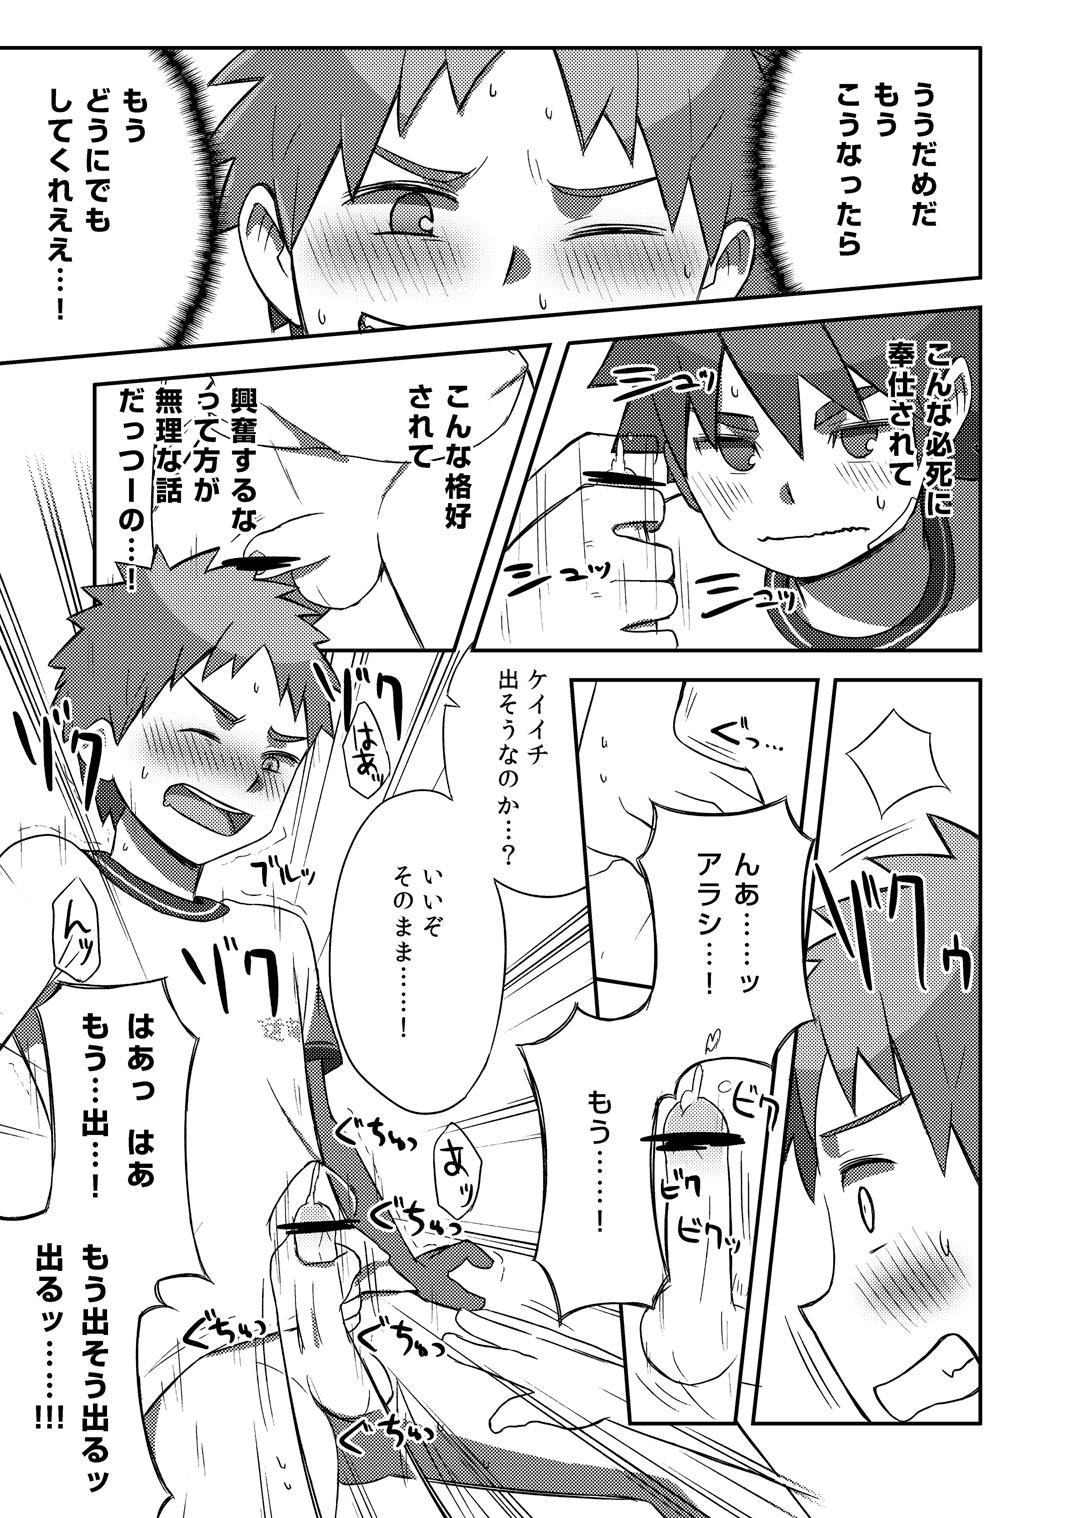 (Shota Scratch 18) [Drum-Kan (Kine)] Arashi-kun to Keiichi-kun. 28